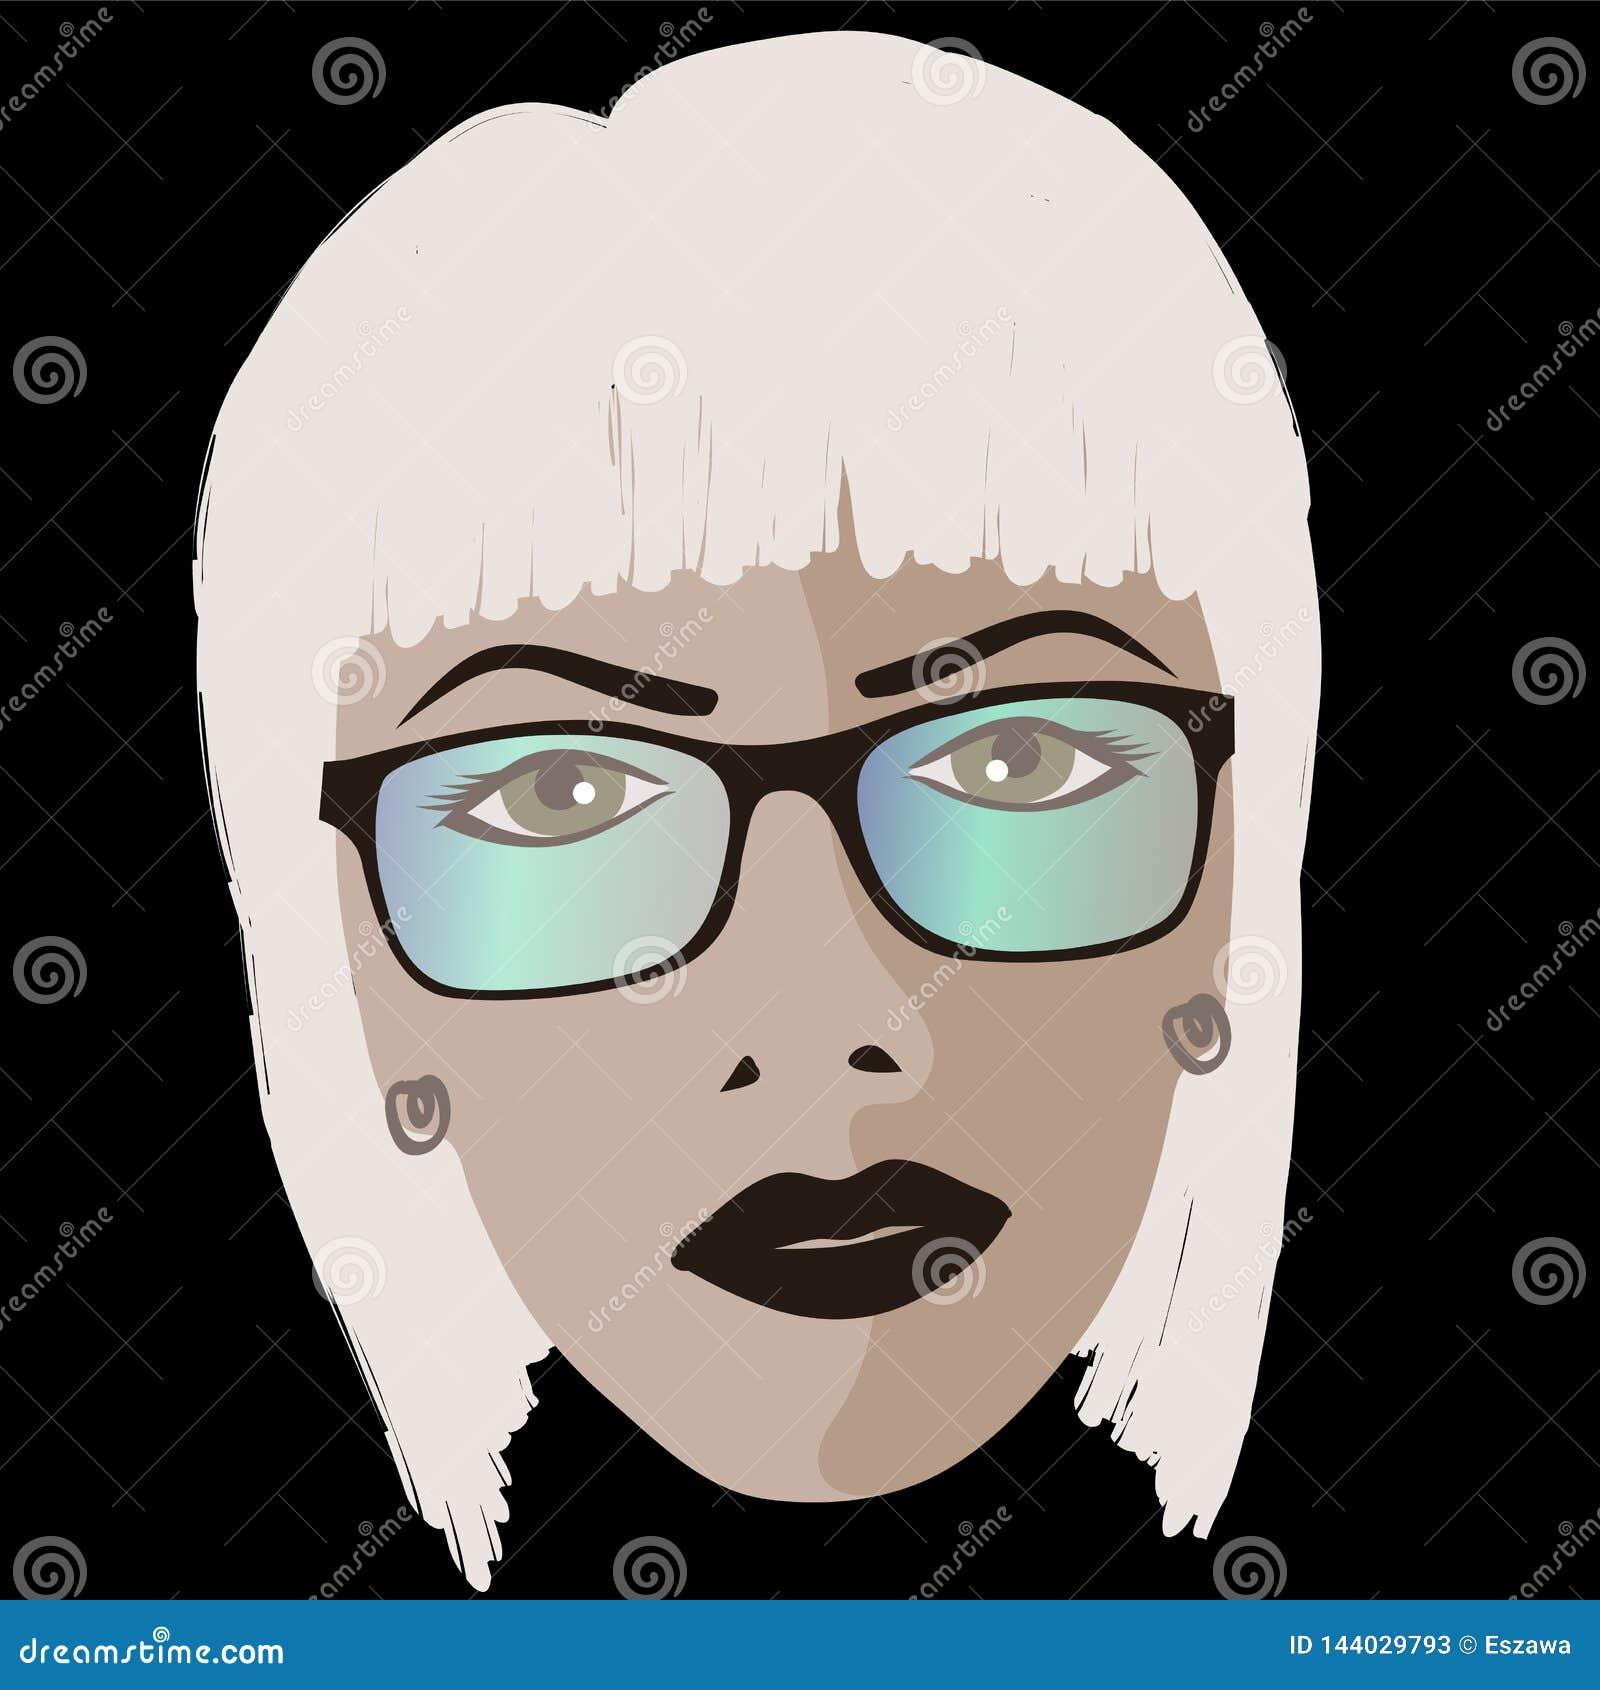 Glamor girl wears sunglasses